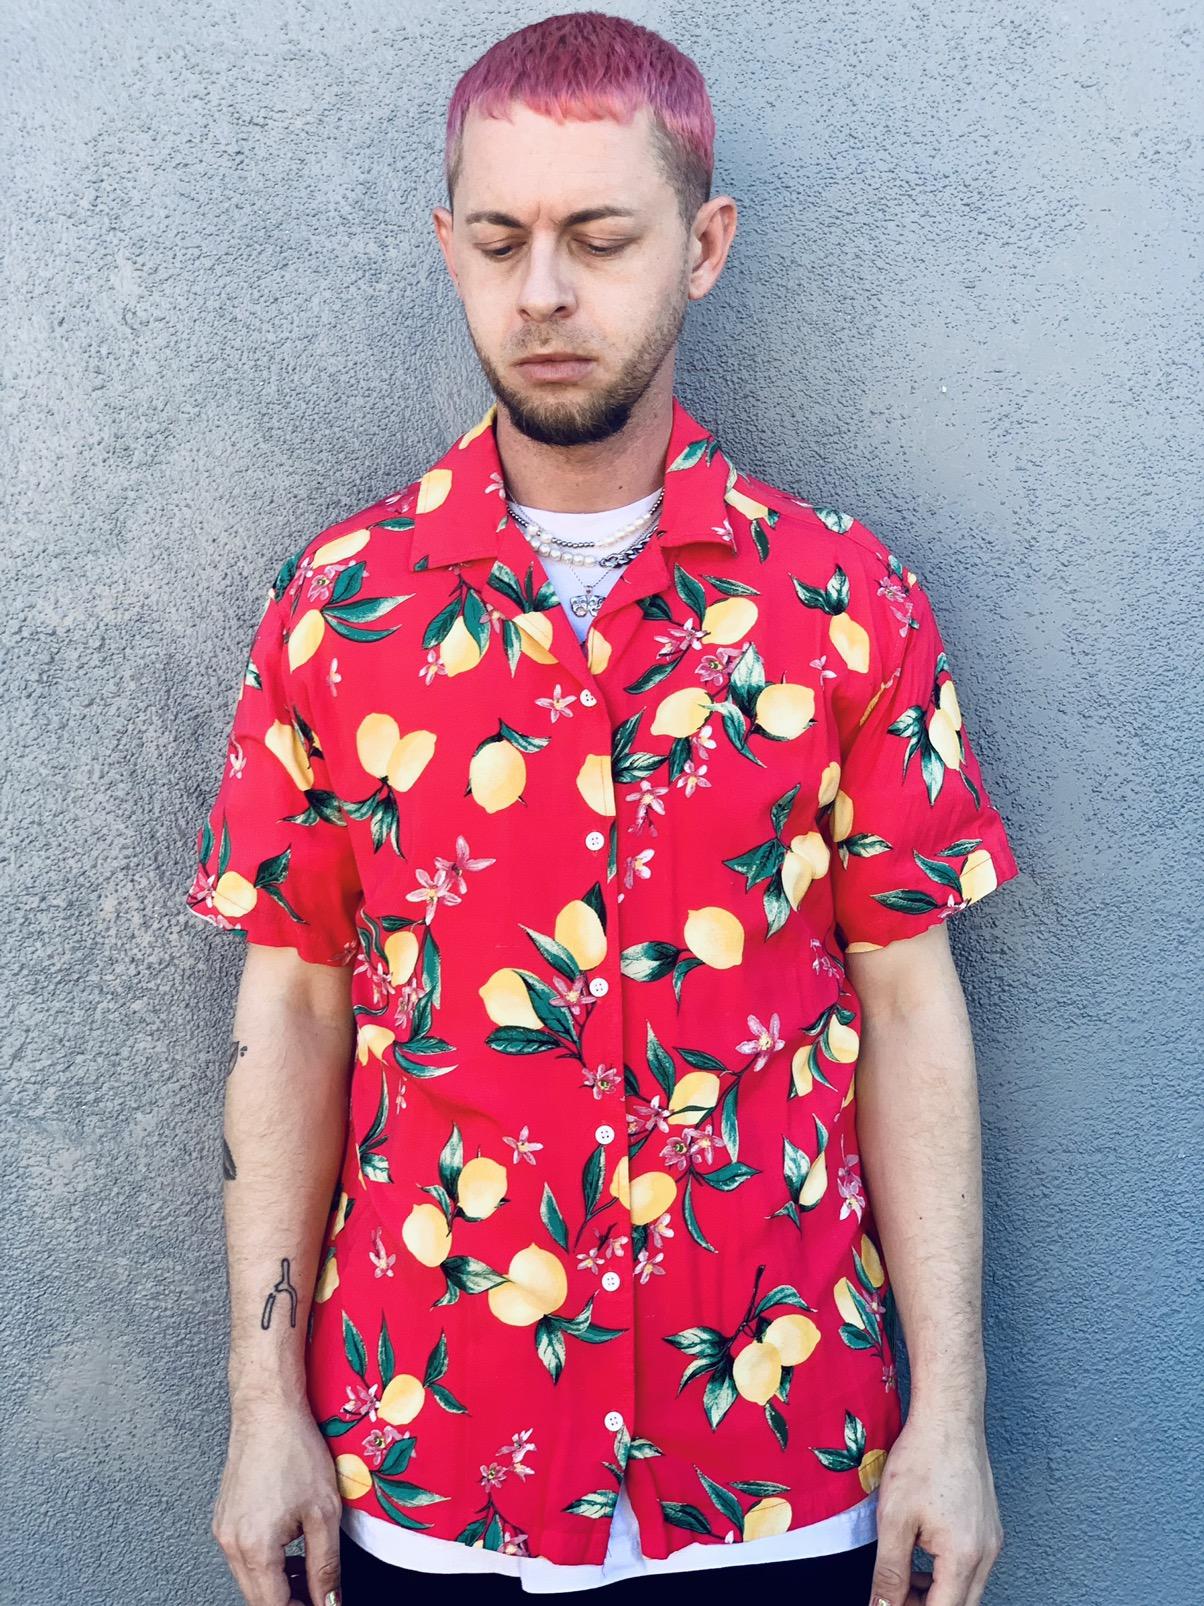 Target Basics Hawaiian shirt from target